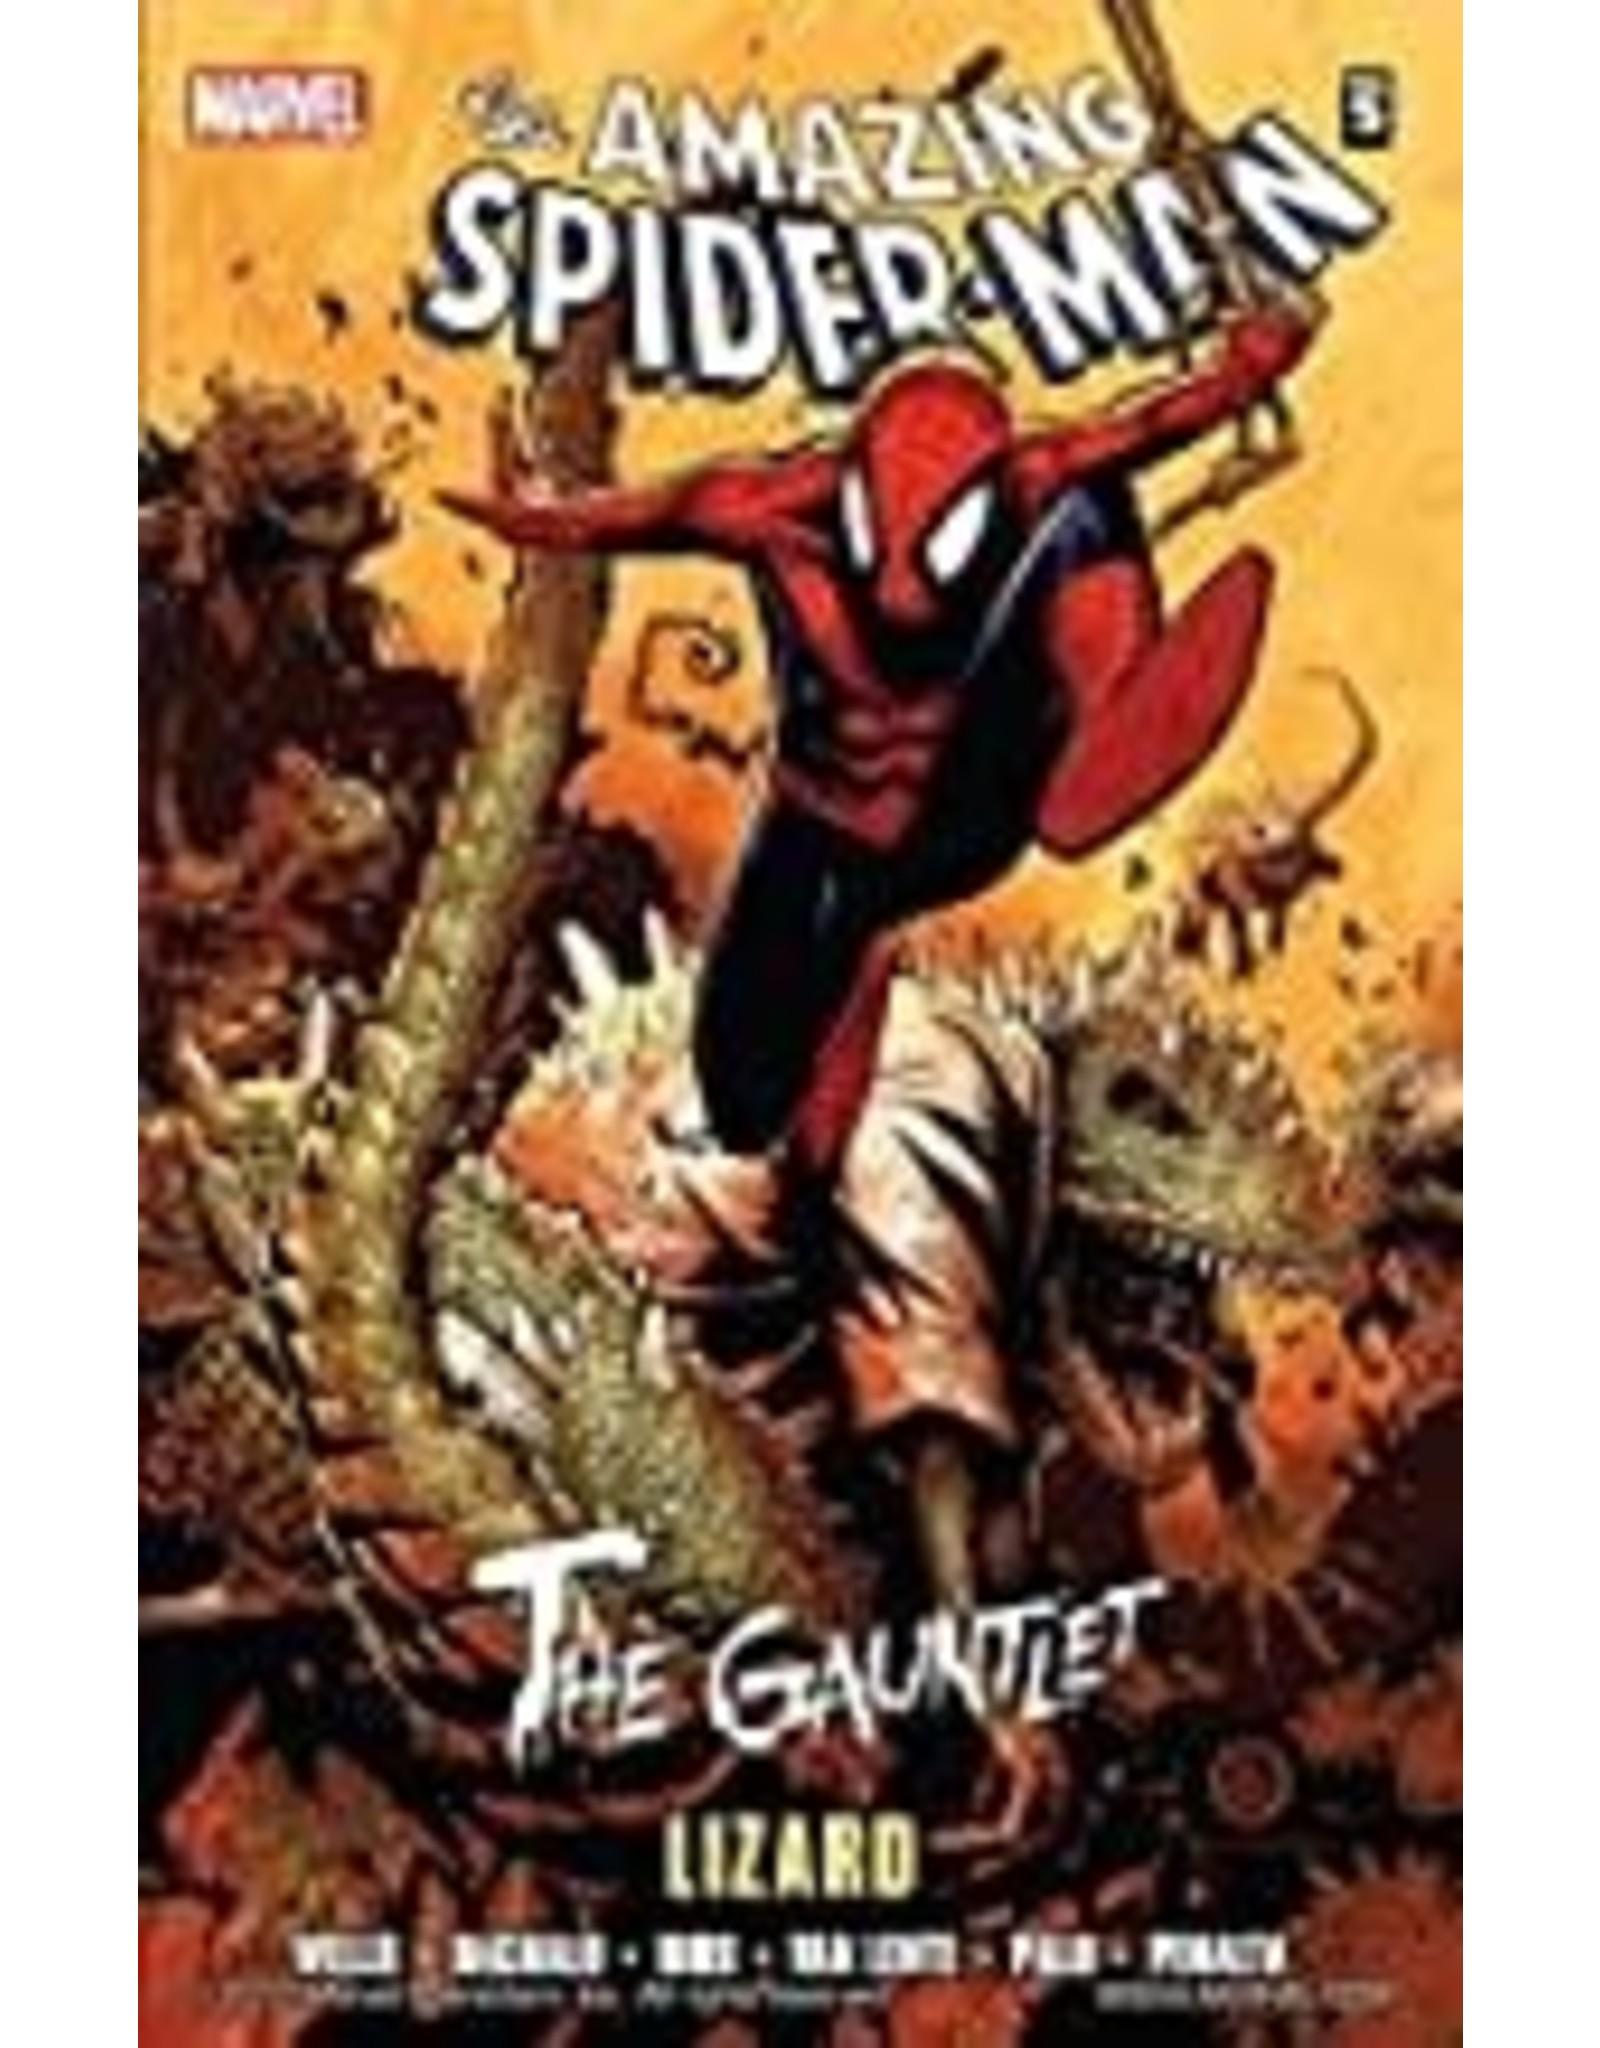 MARVEL COMICS SPIDER-MAN GAUNTLET TP VOL 05 LIZARD